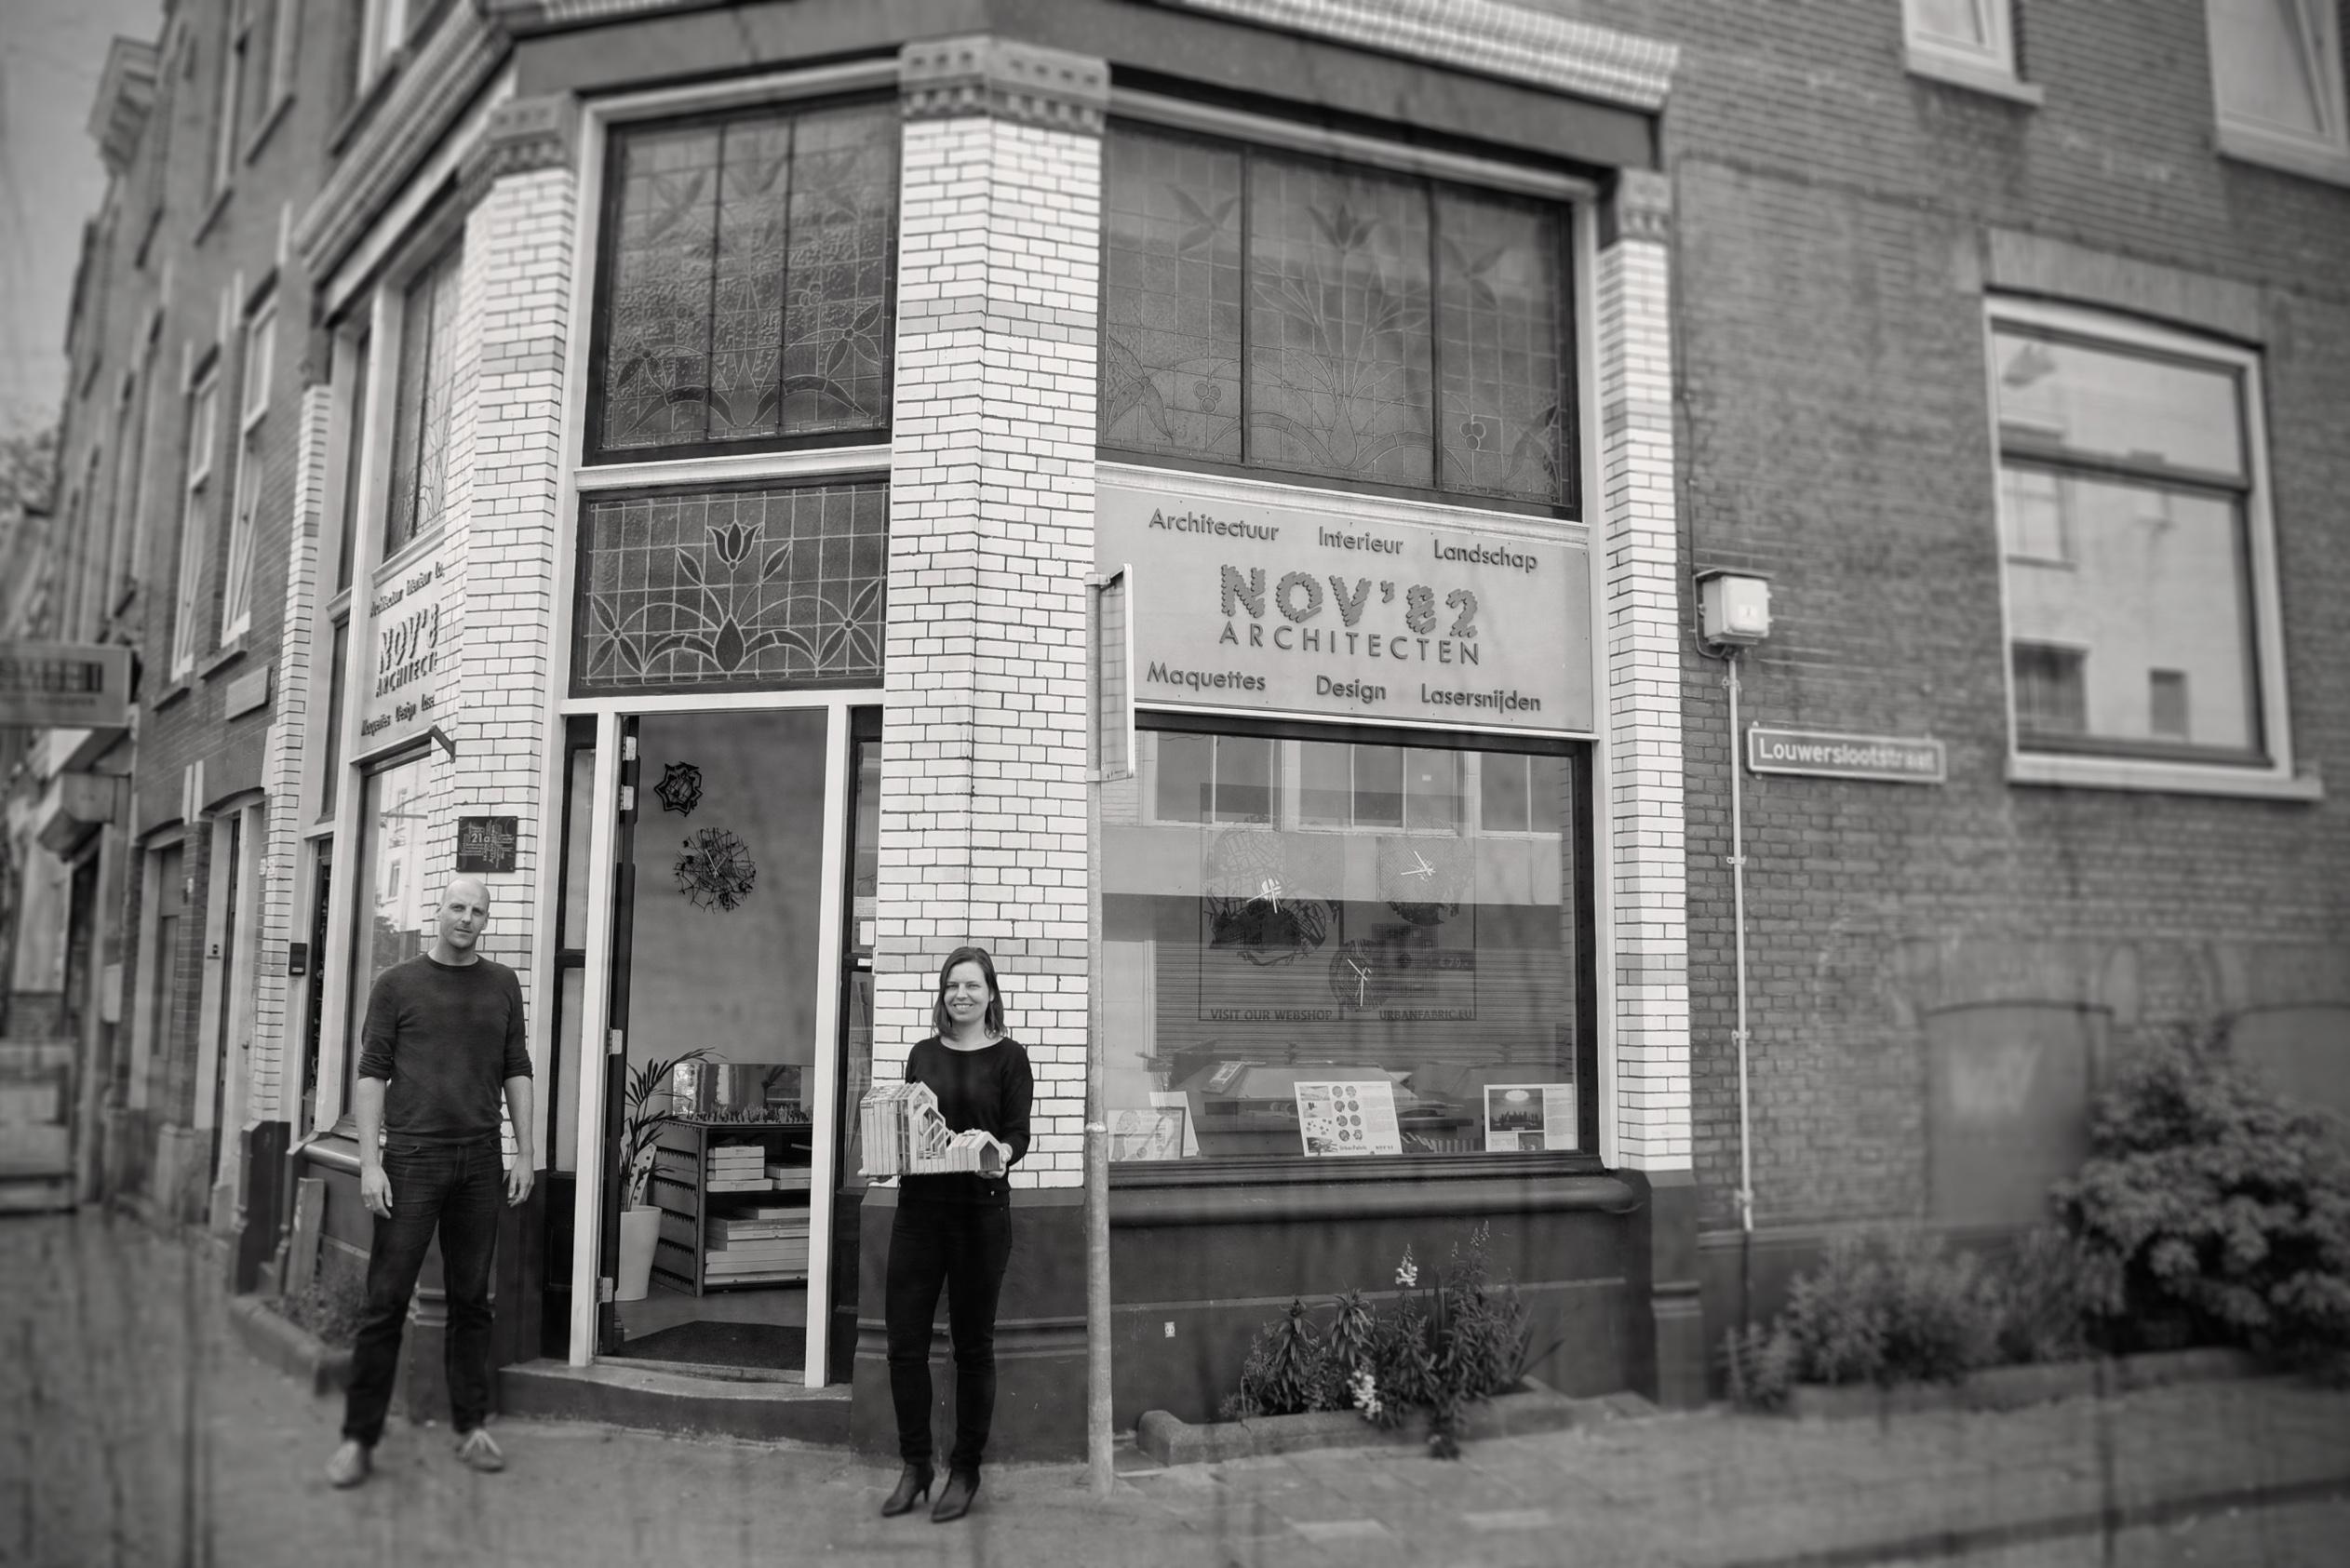 <p>NOV&#8217;82 Architecten etaleert haar waren</p>